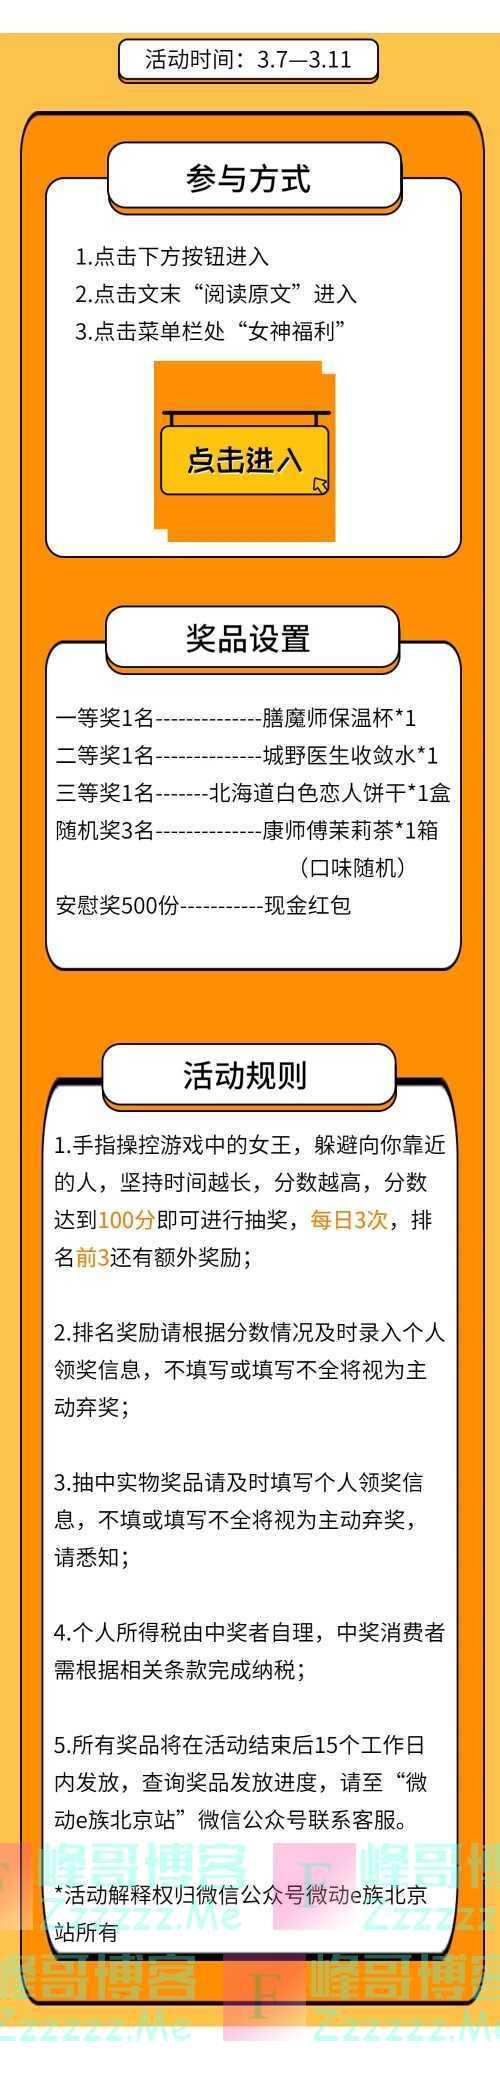 微动e族北京站女神节福利(3月11日截止)